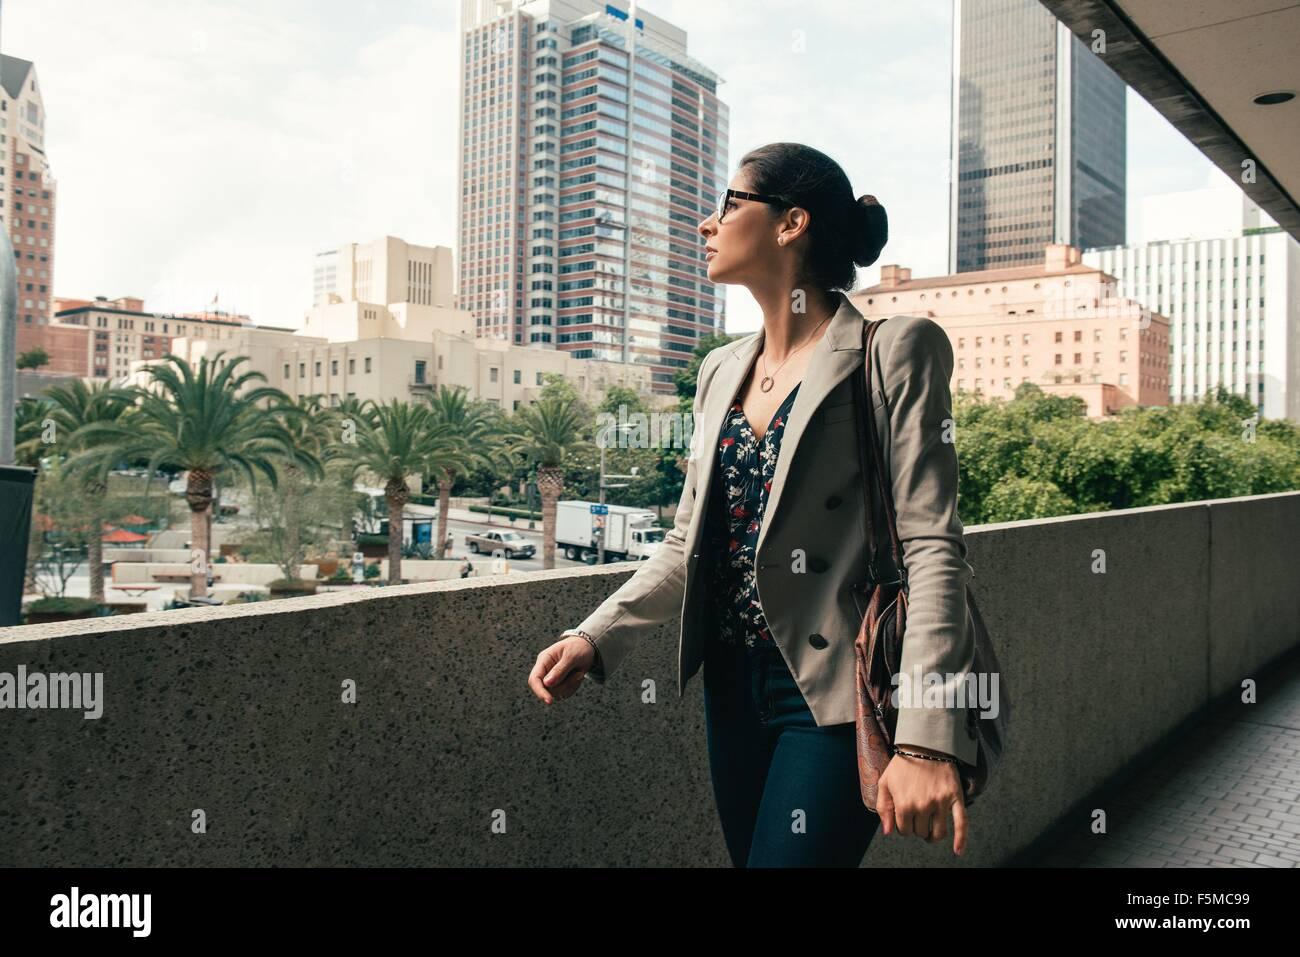 La empresaria mirando desde el paseo, Los Angeles, EE.UU. Foto de stock